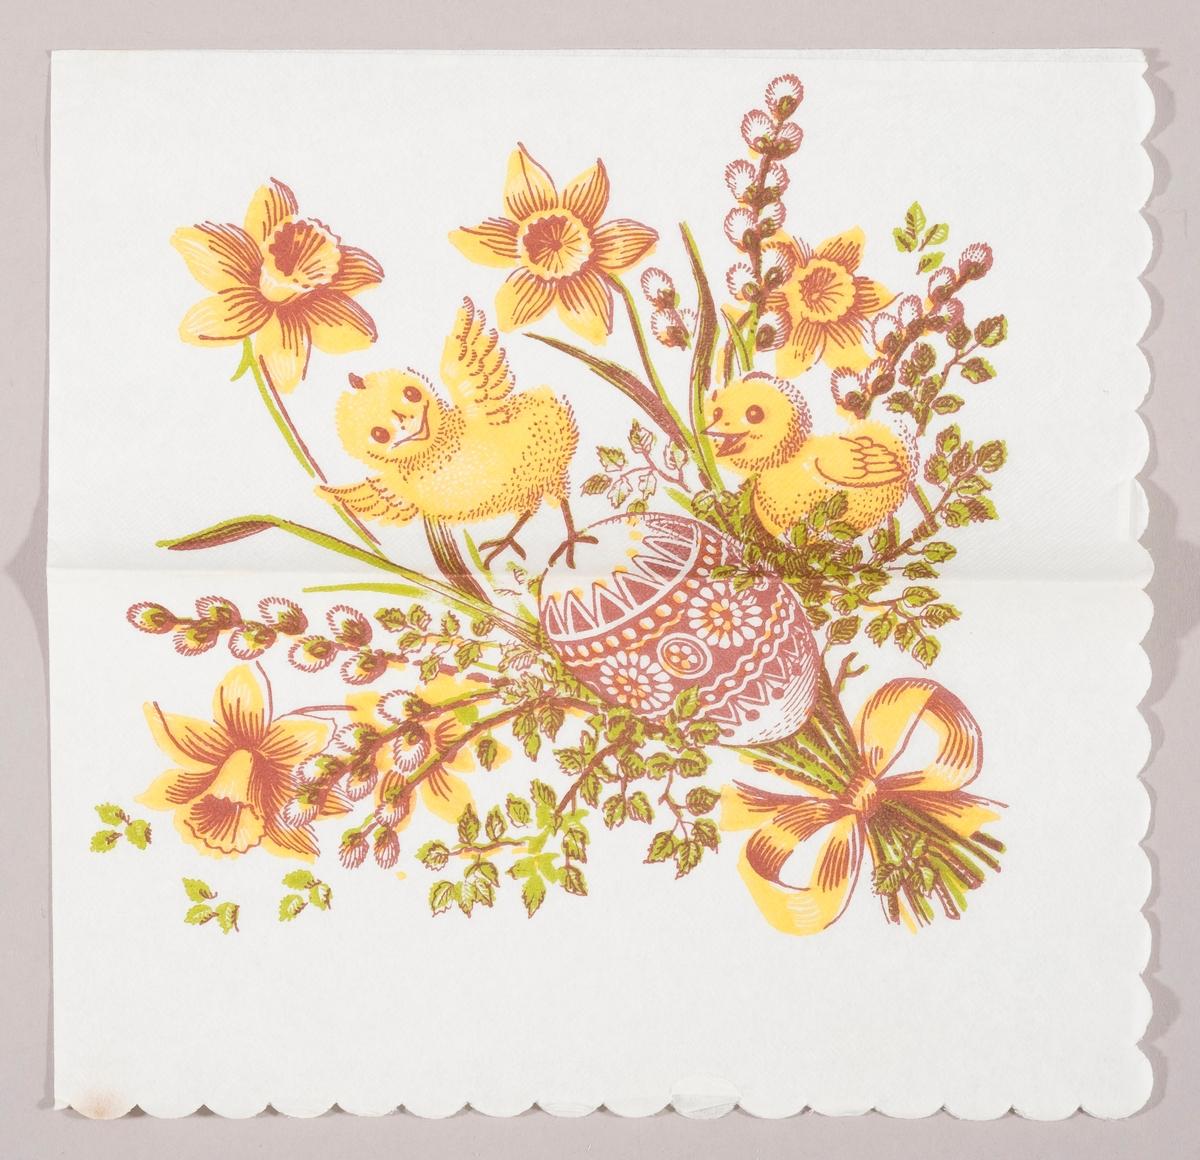 """En bukett med påskeliljer og grener med """"gåsunger"""". Et dekorert påskeegg og to kyllinger er er plassert i buketten. En sløyfe holder sammen på buketten."""